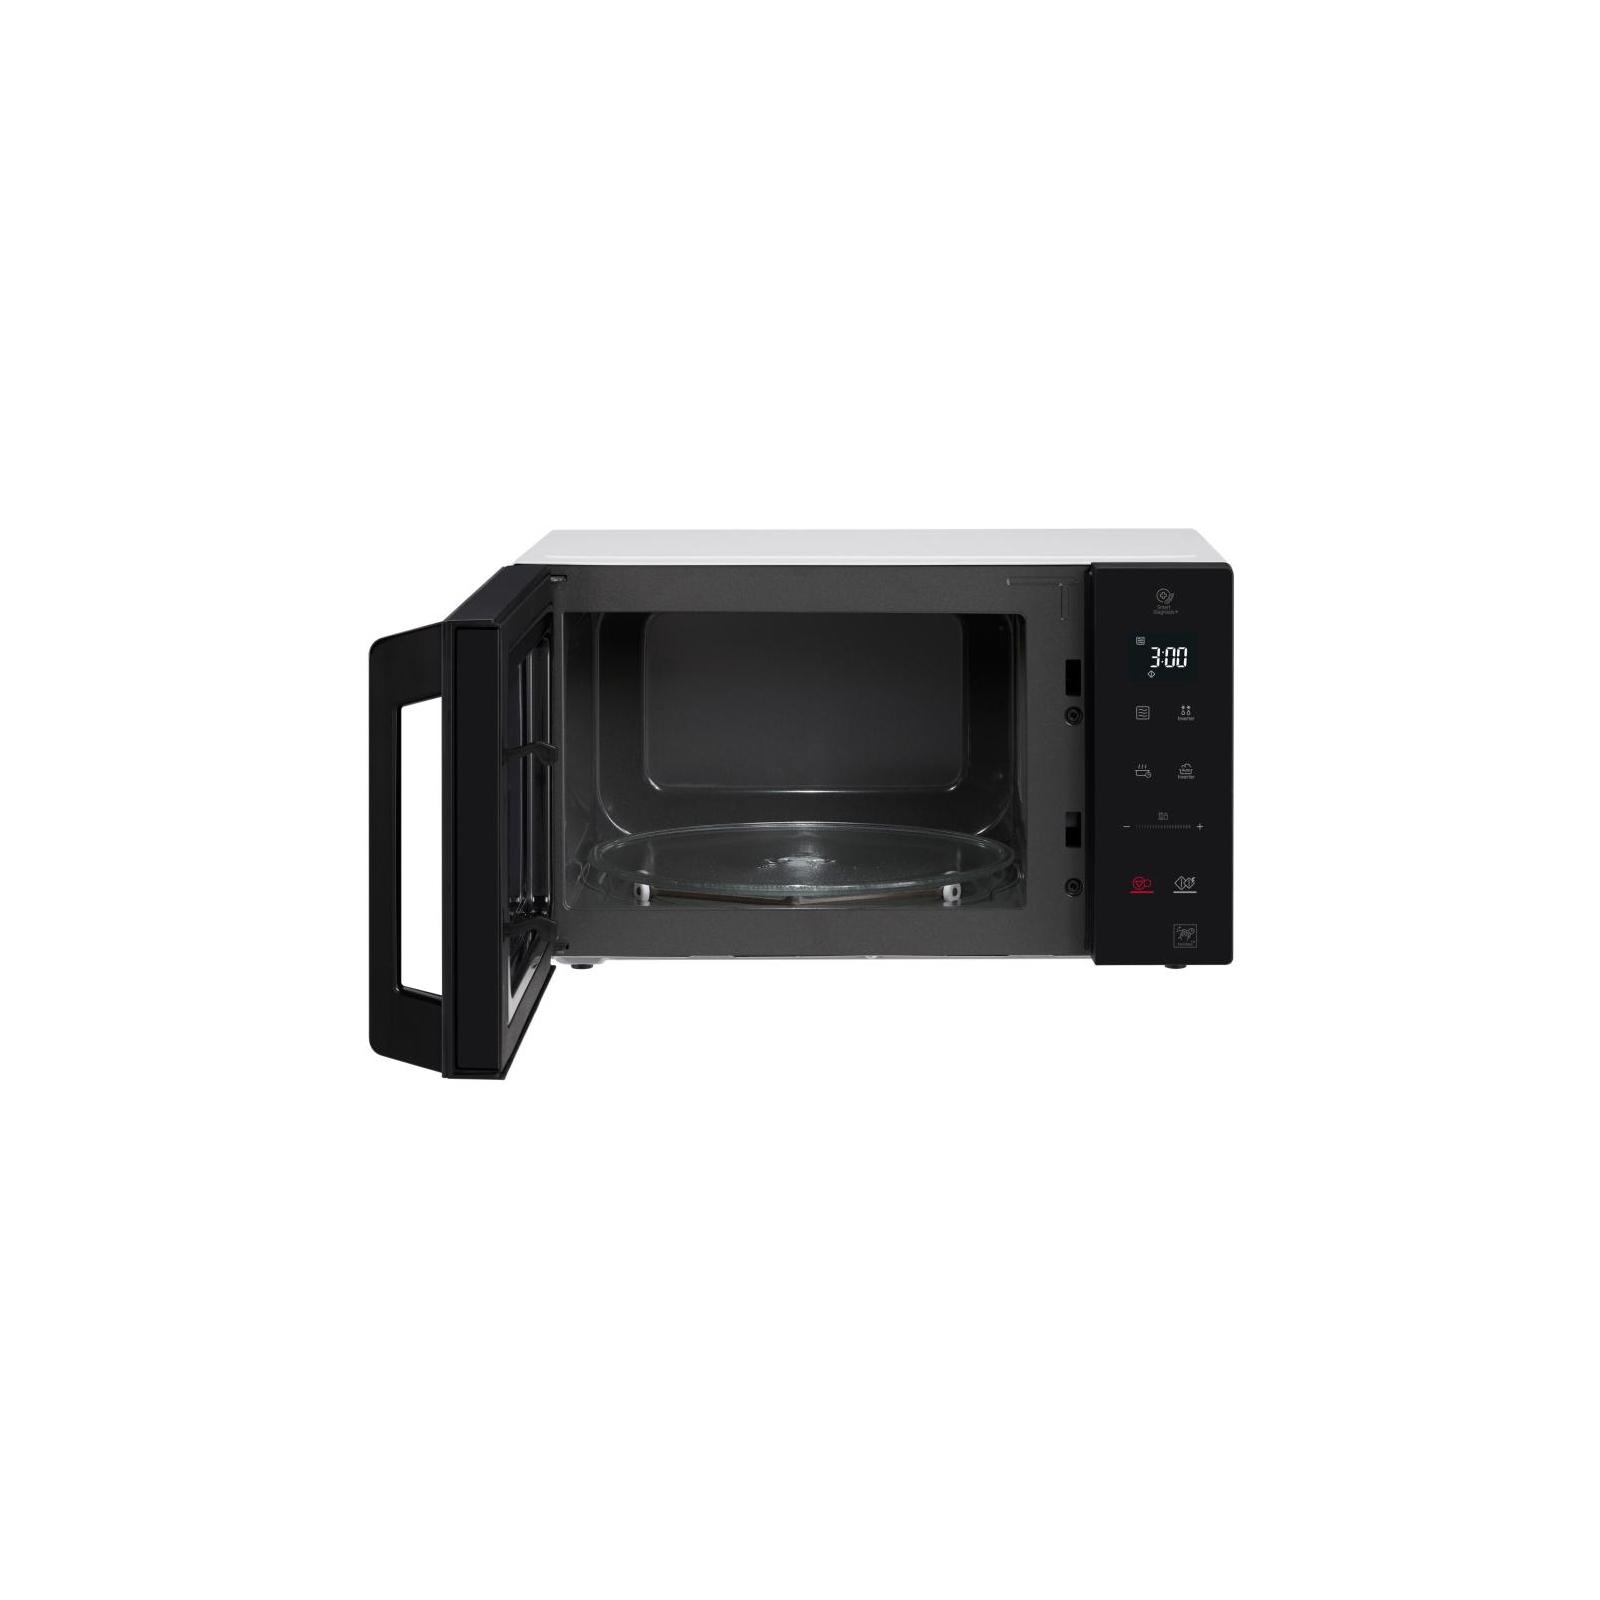 Микроволновая печь LG MS2595FISW изображение 6